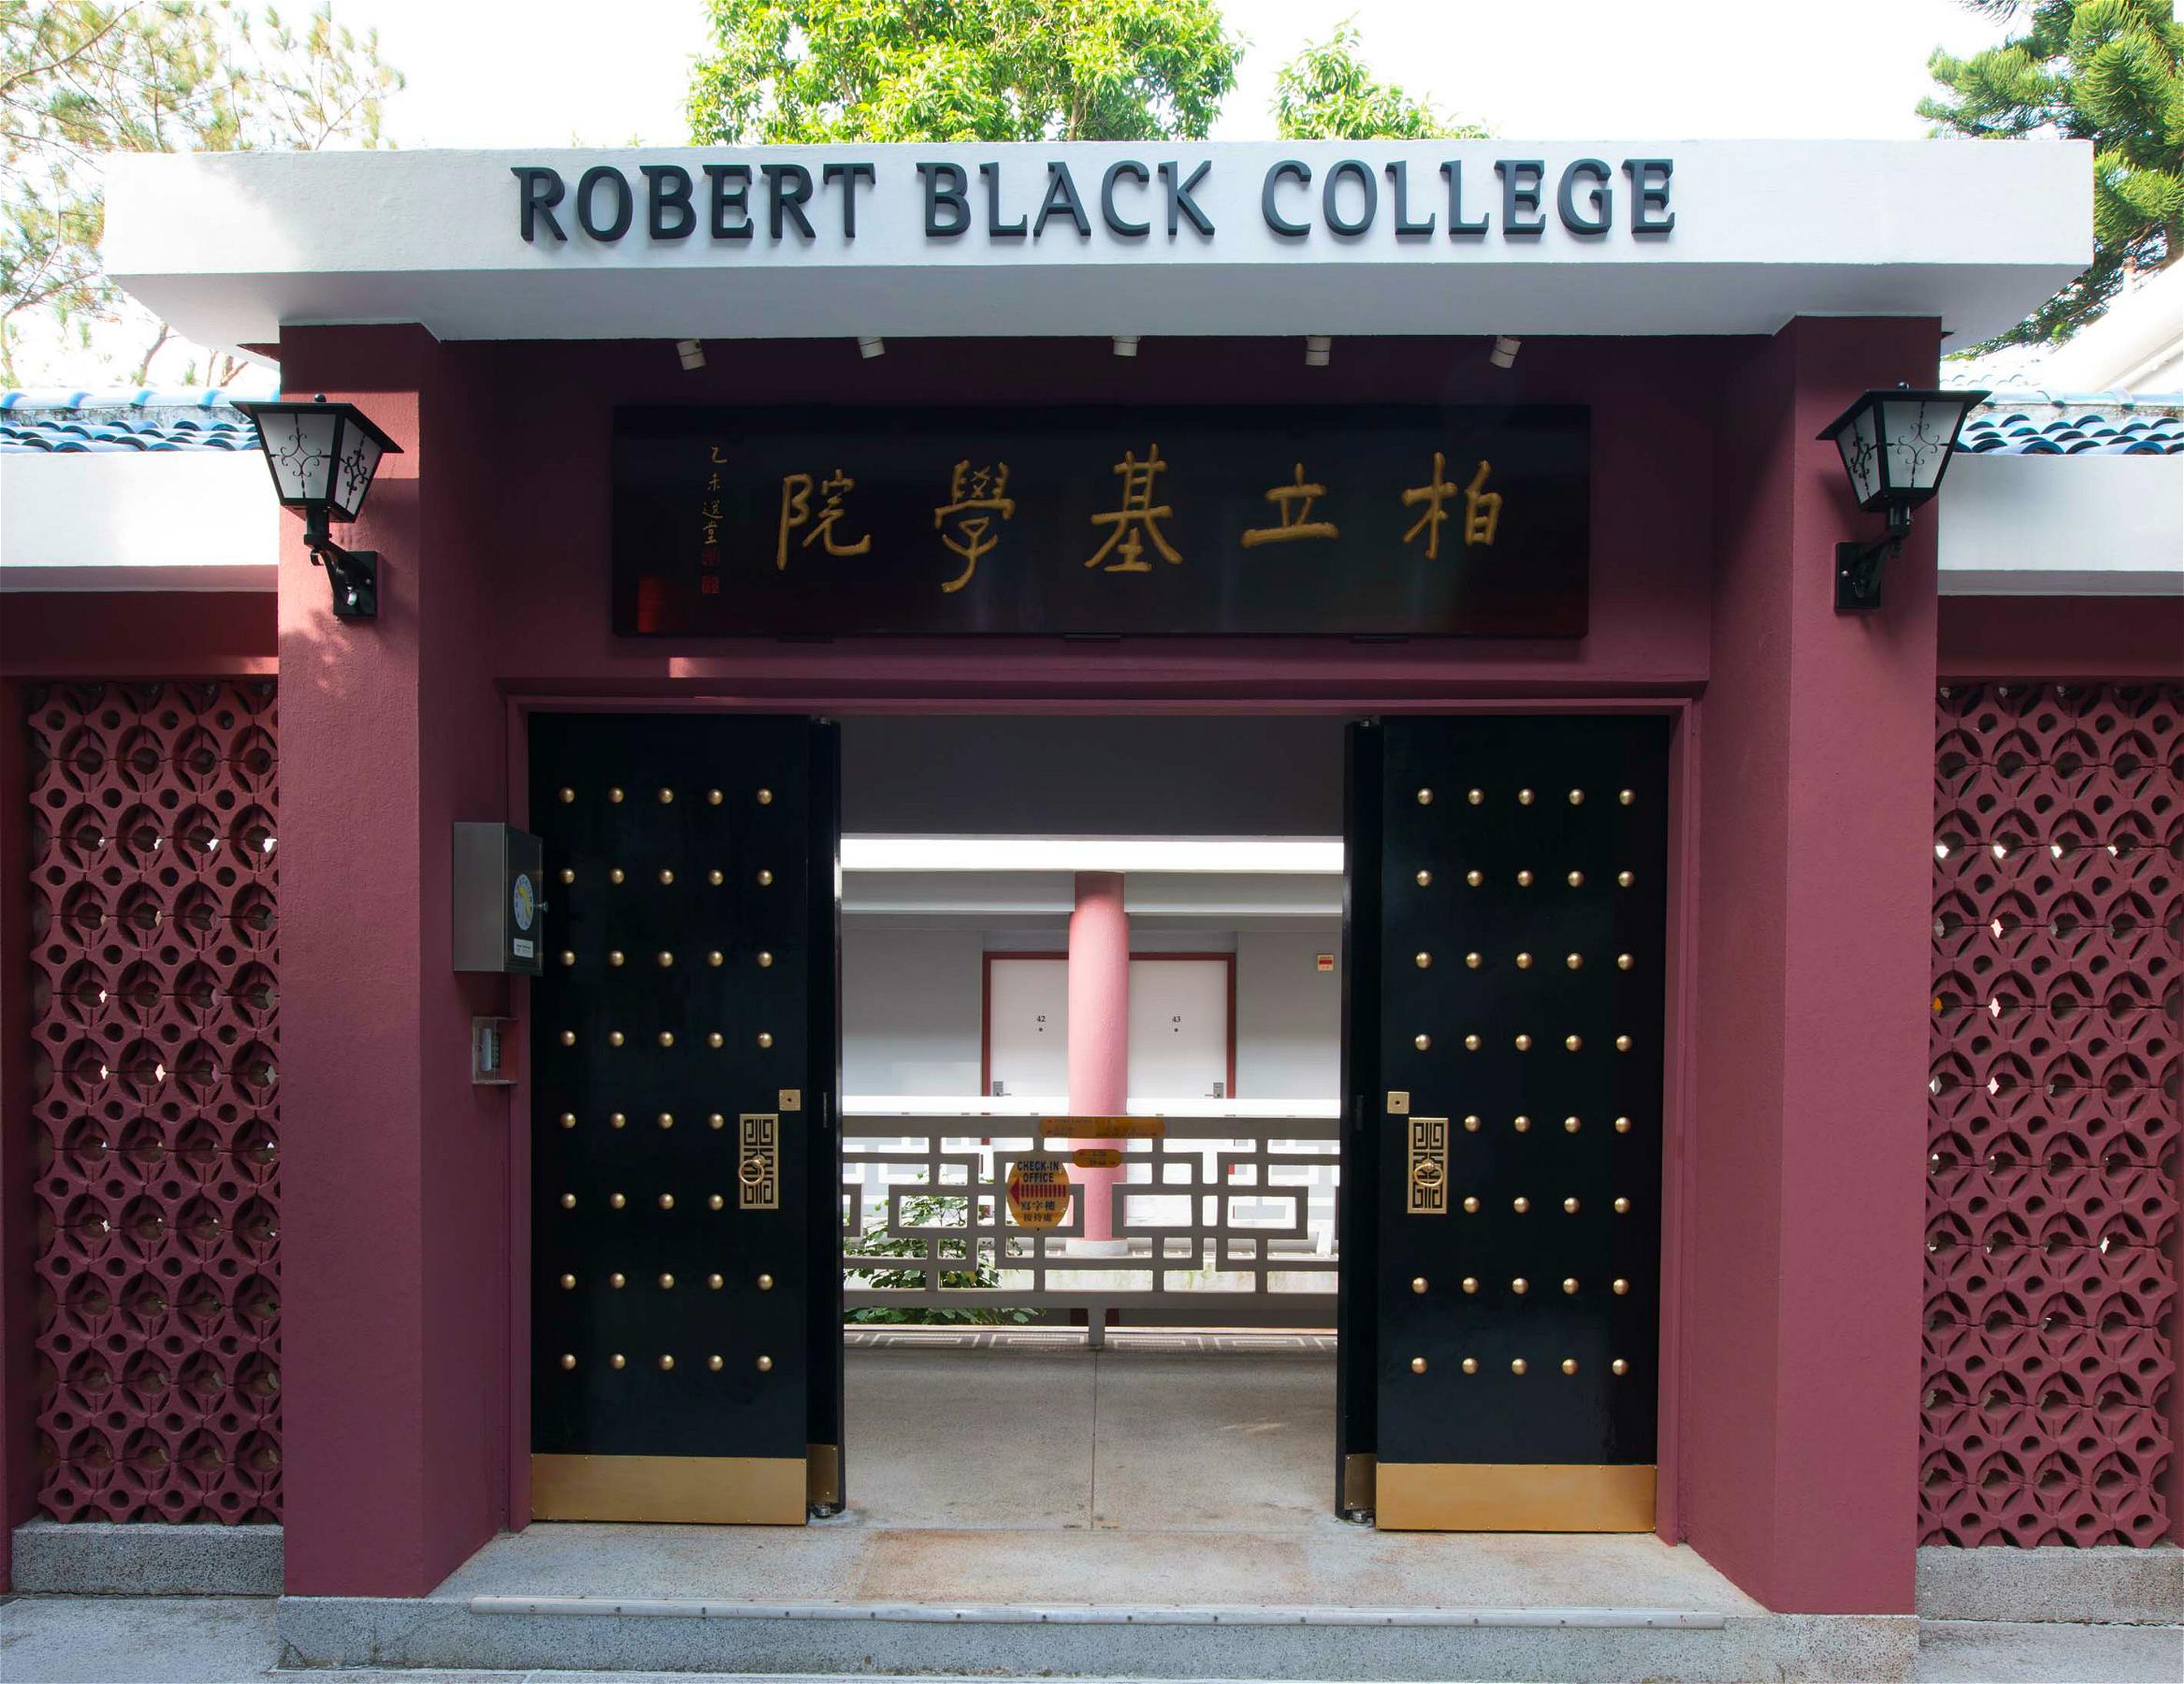 Robert Black College